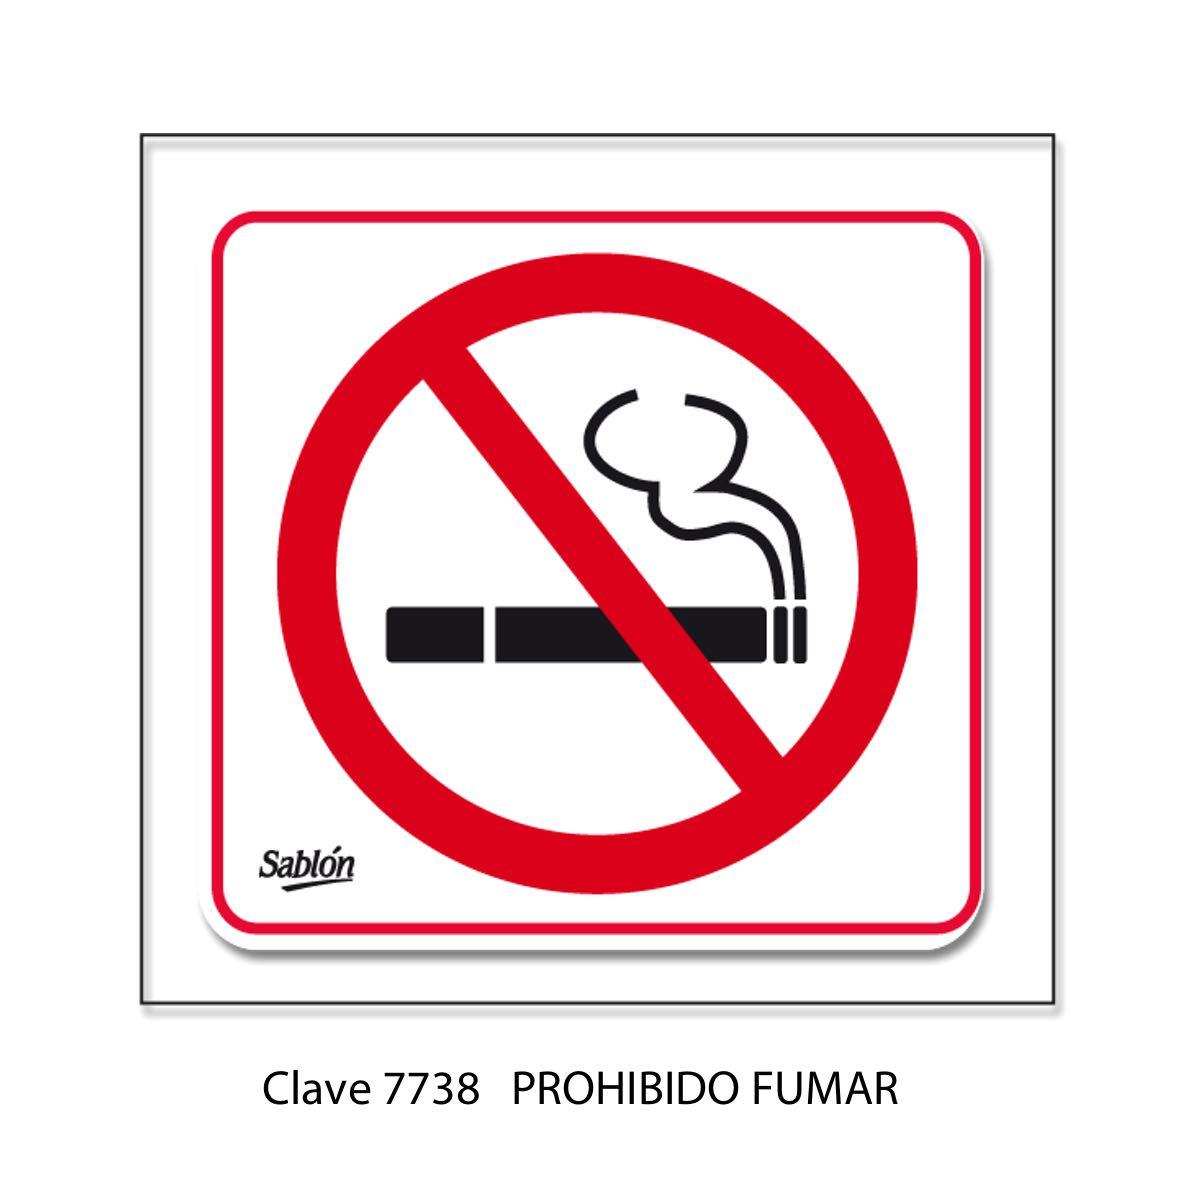 Señal Prohibido Fumar 7738 - Sablón